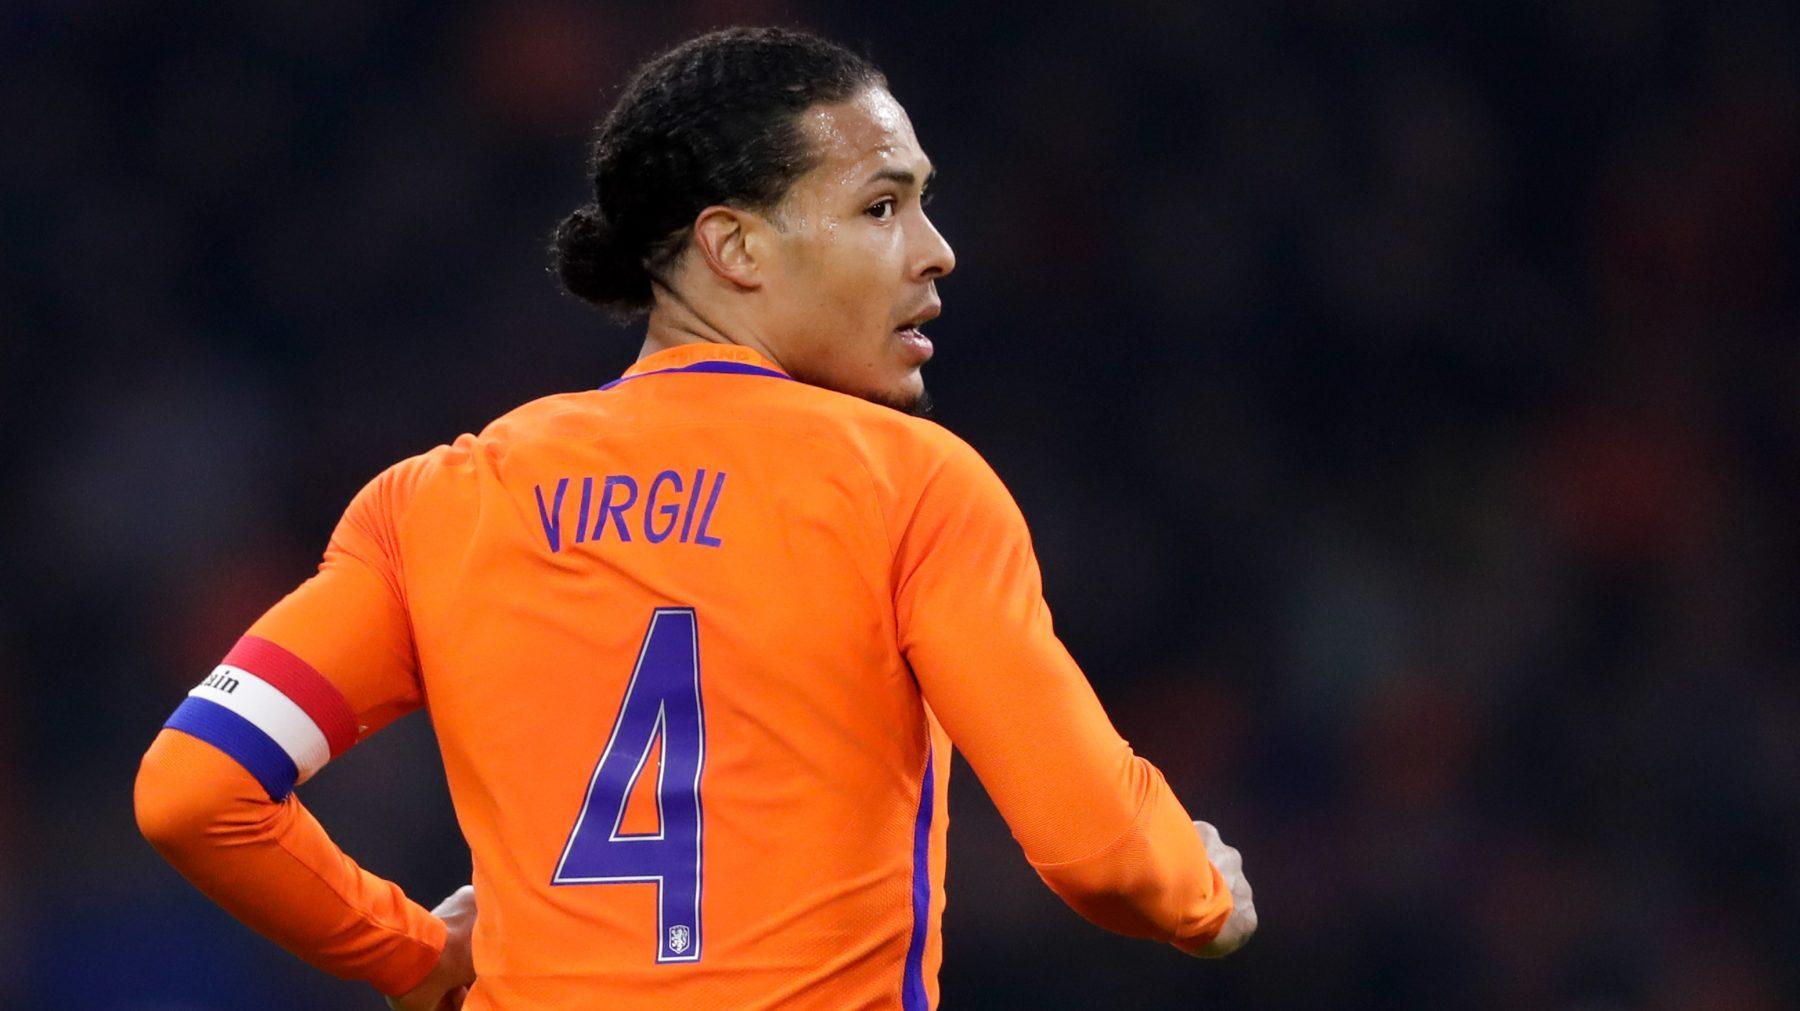 Virgil van Dijk is beste Europese voetballer van het jaar